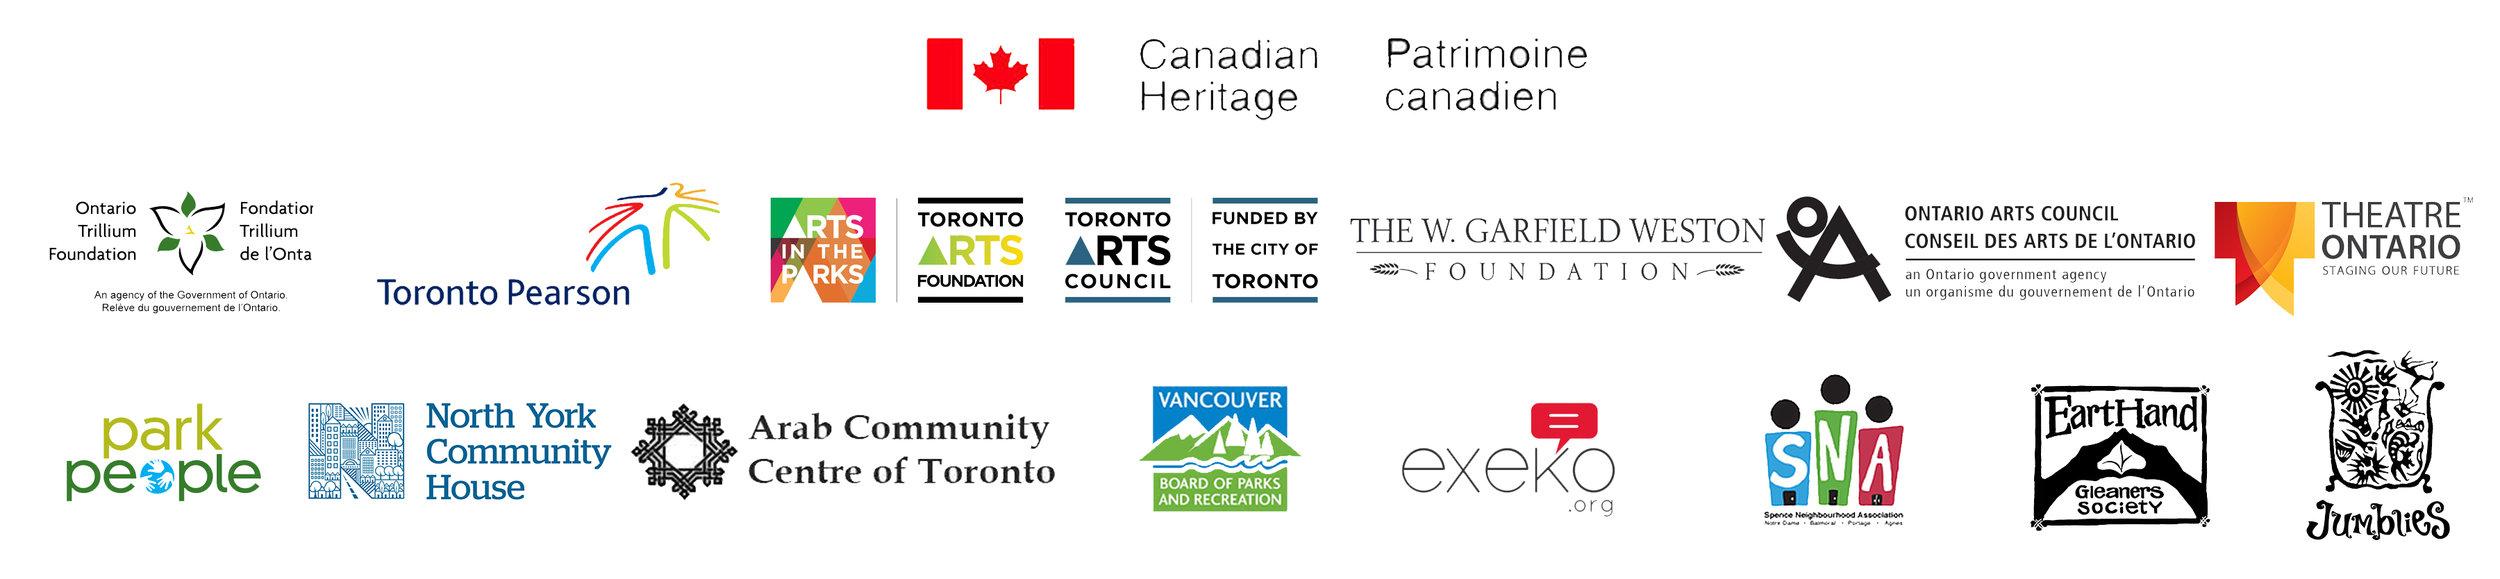 WTTP Toronto - logos.jpg